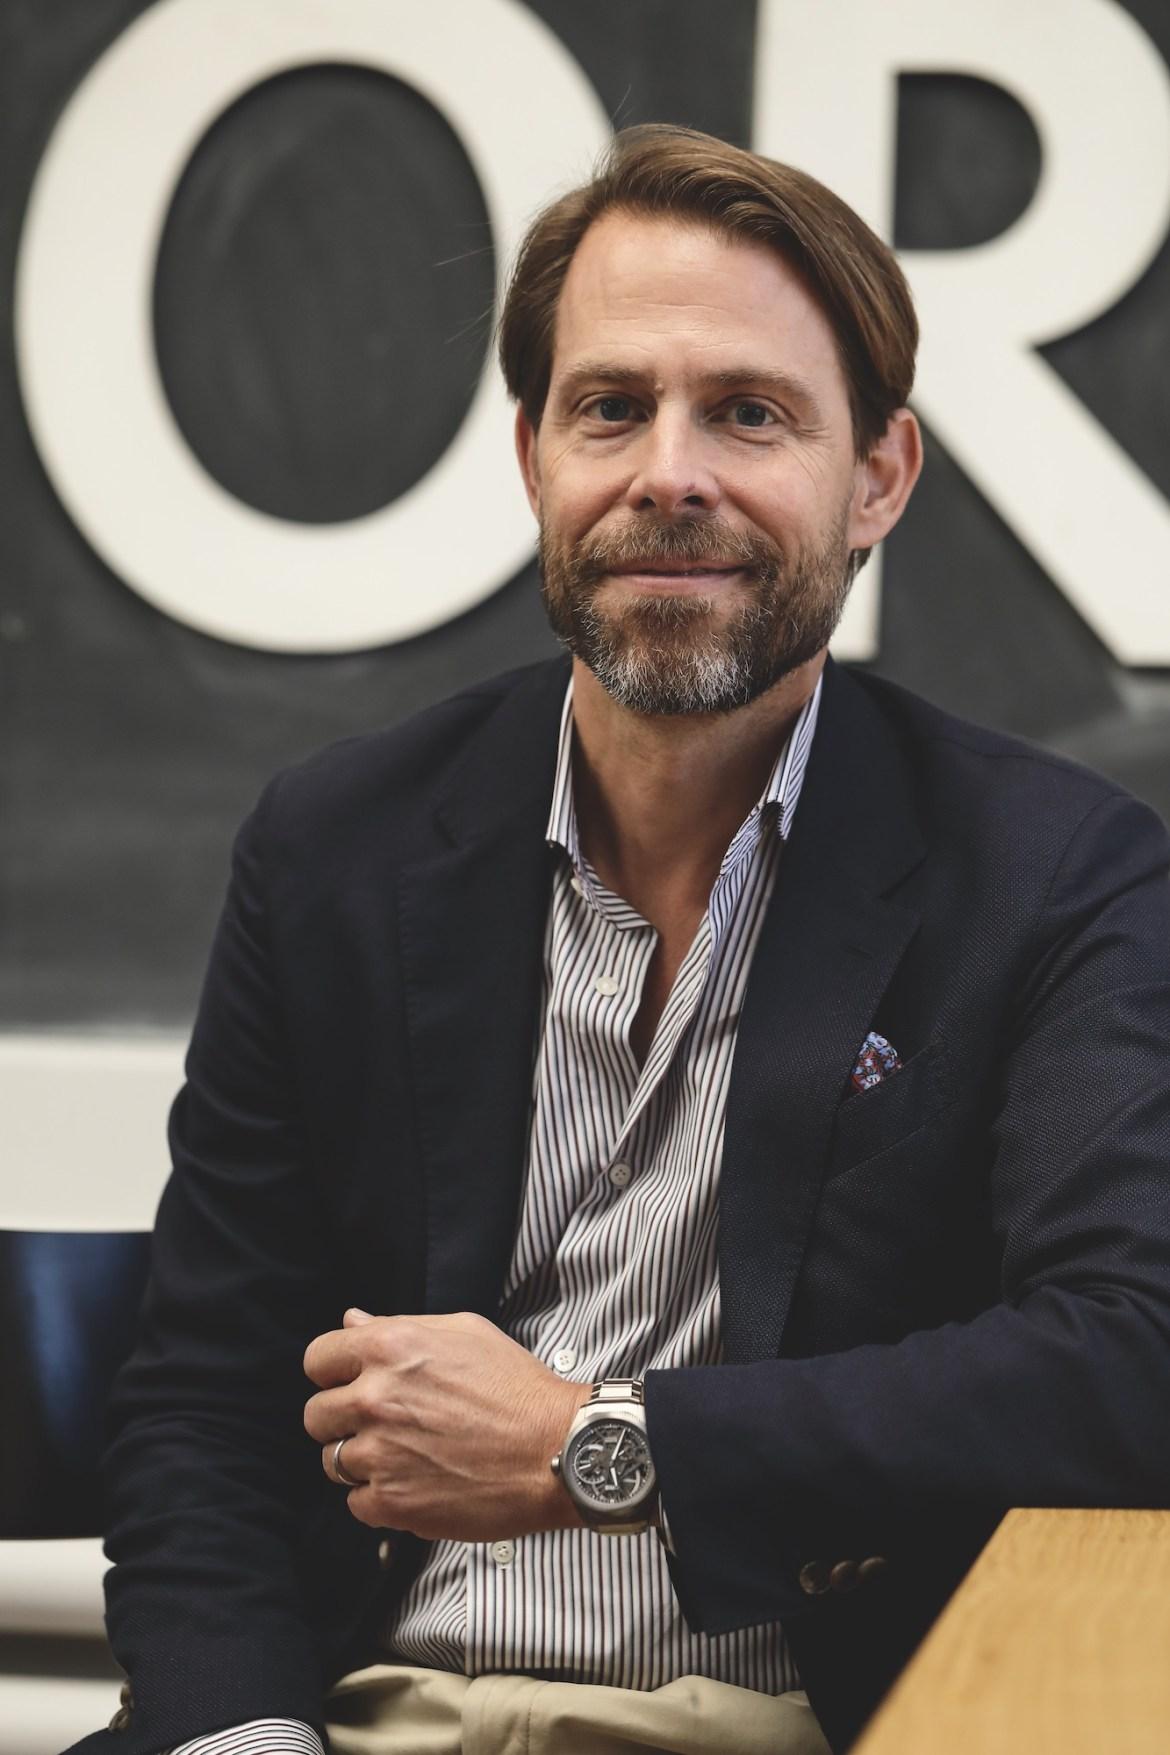 Oris Portrait Rolf Studer, Co-CEO